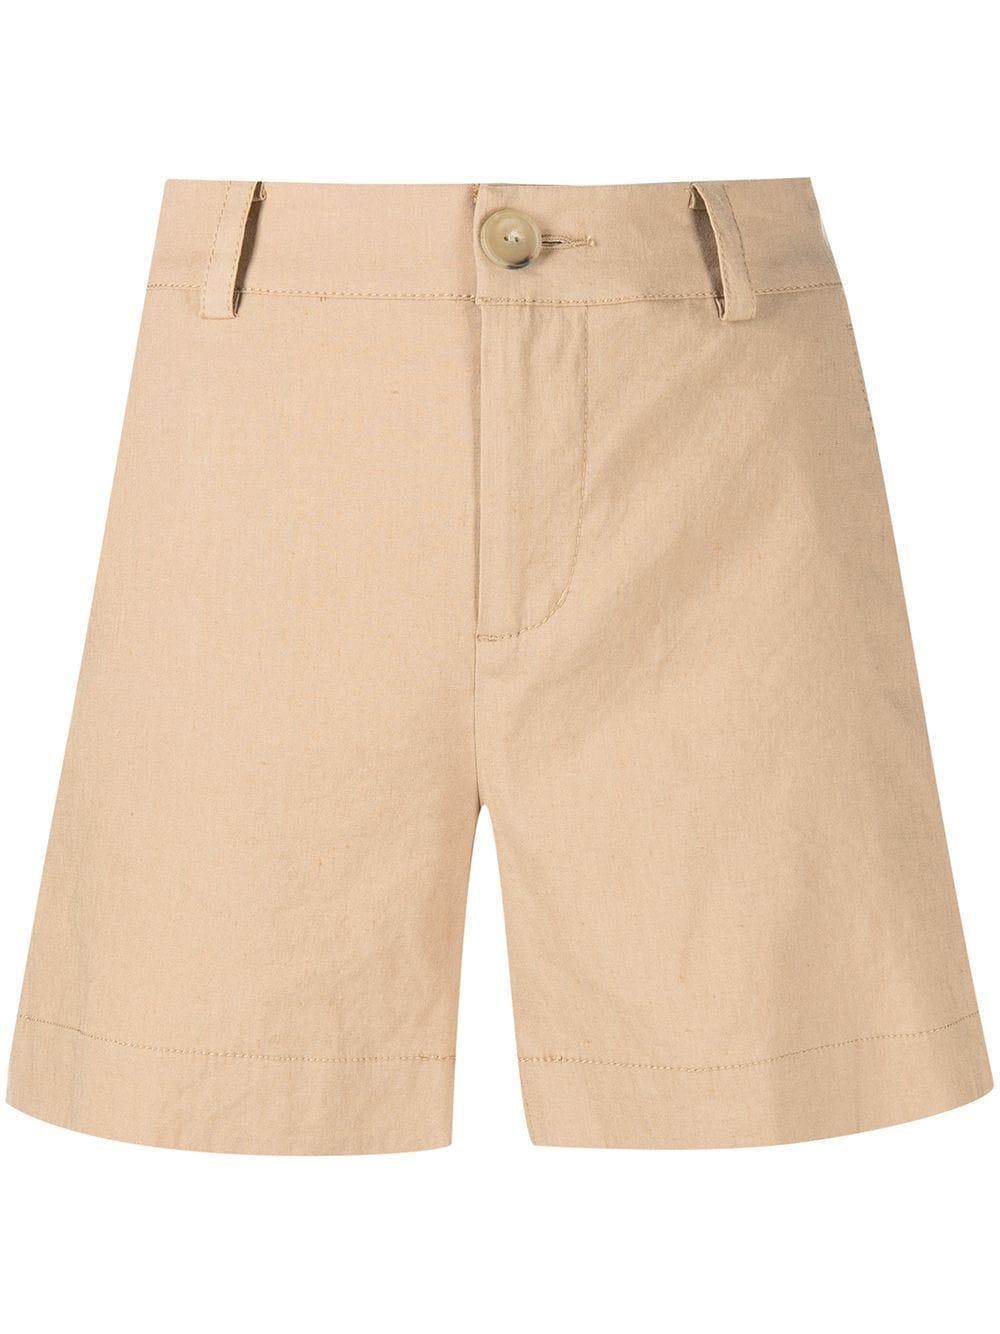 Casual Linen Shorts Item # V757821965